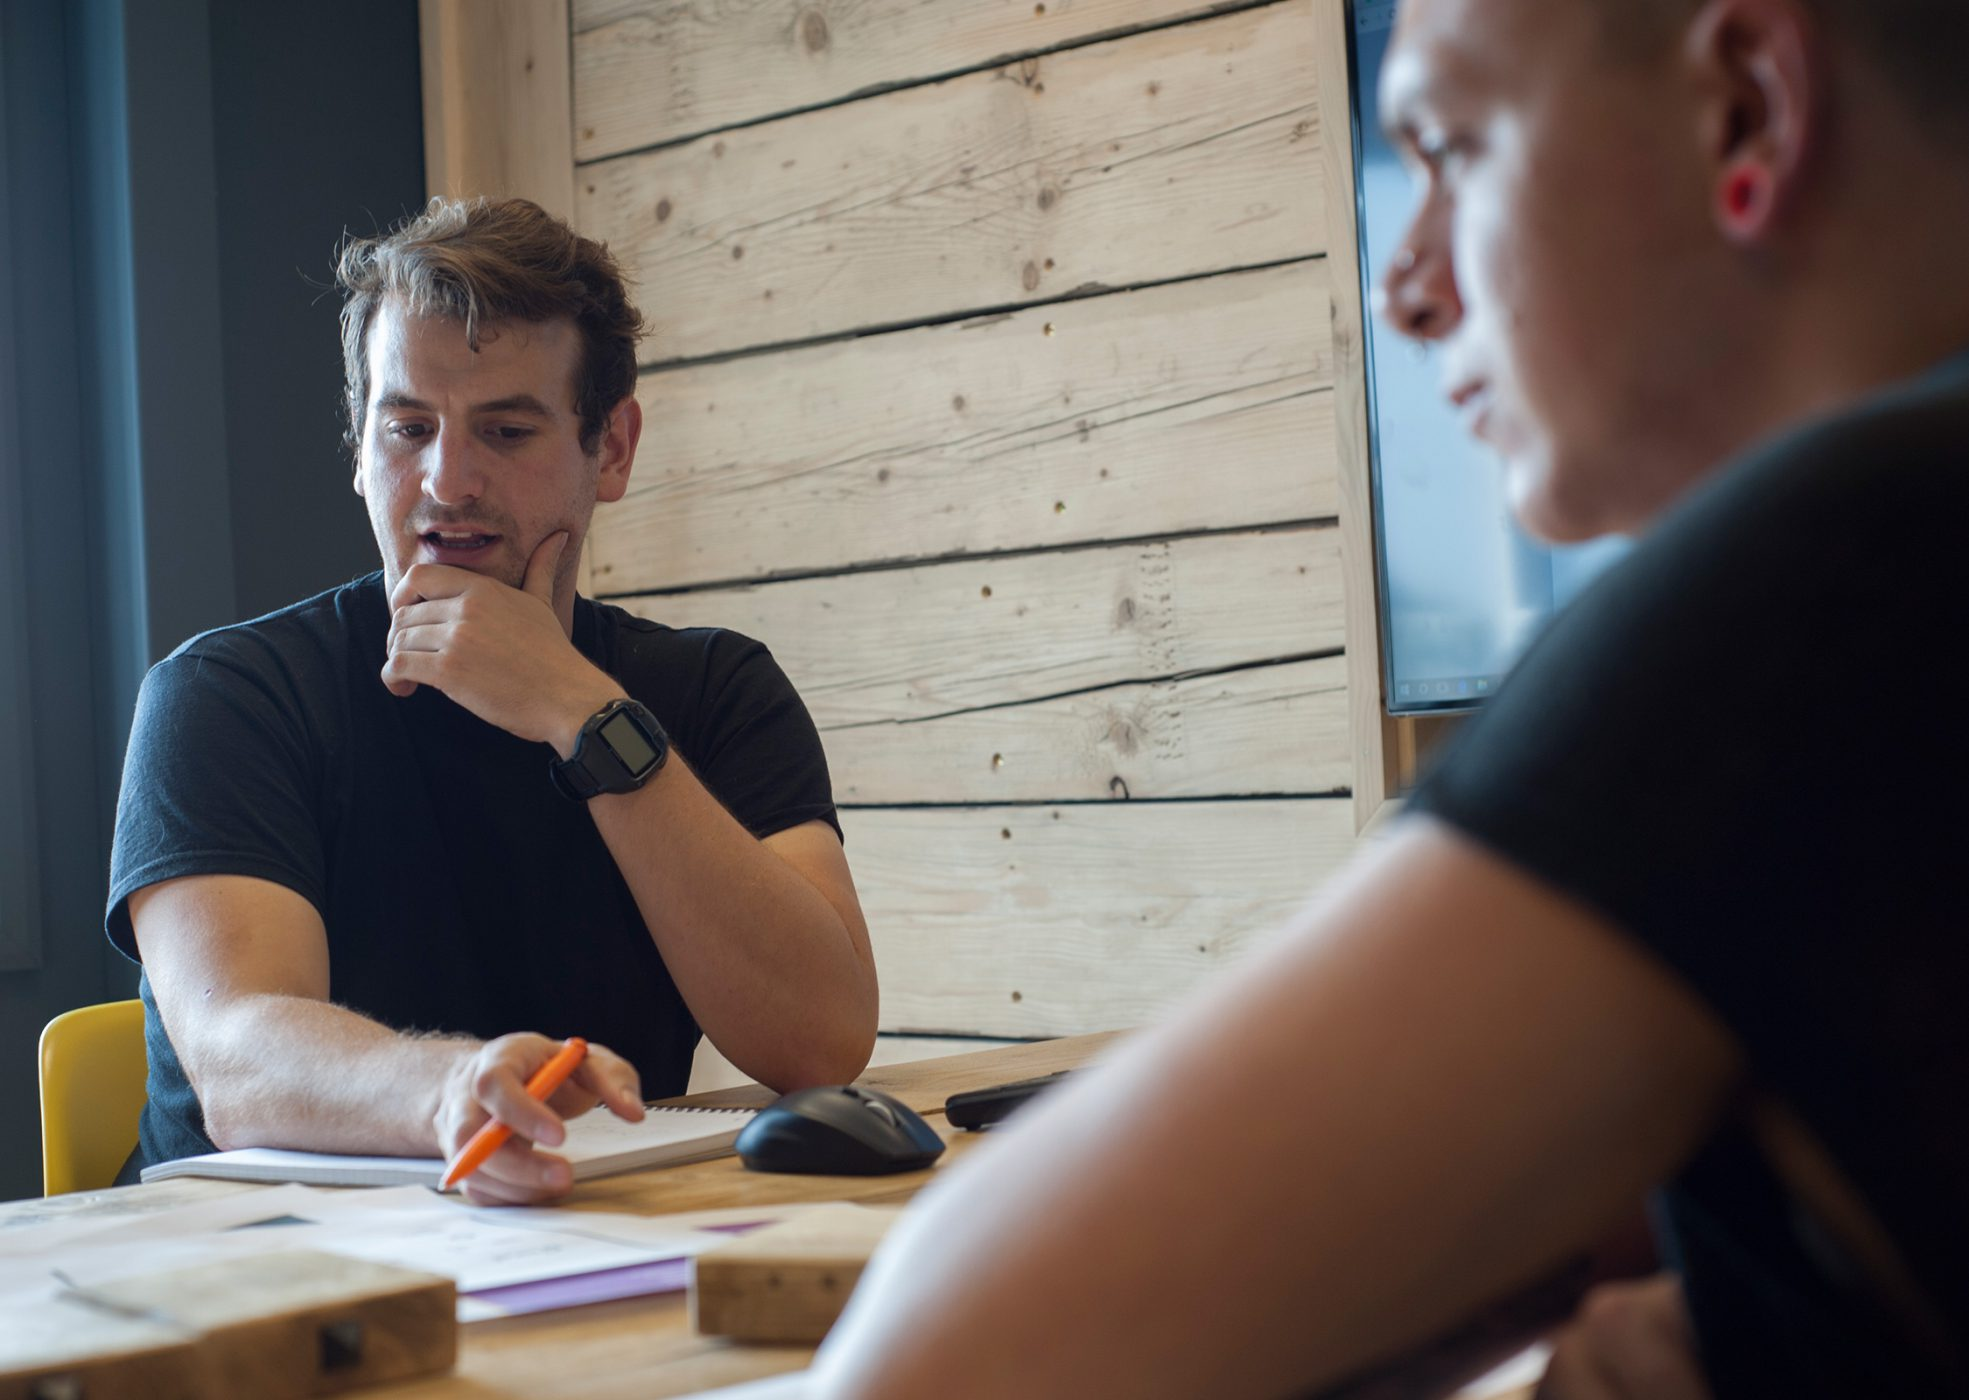 discussing-designs